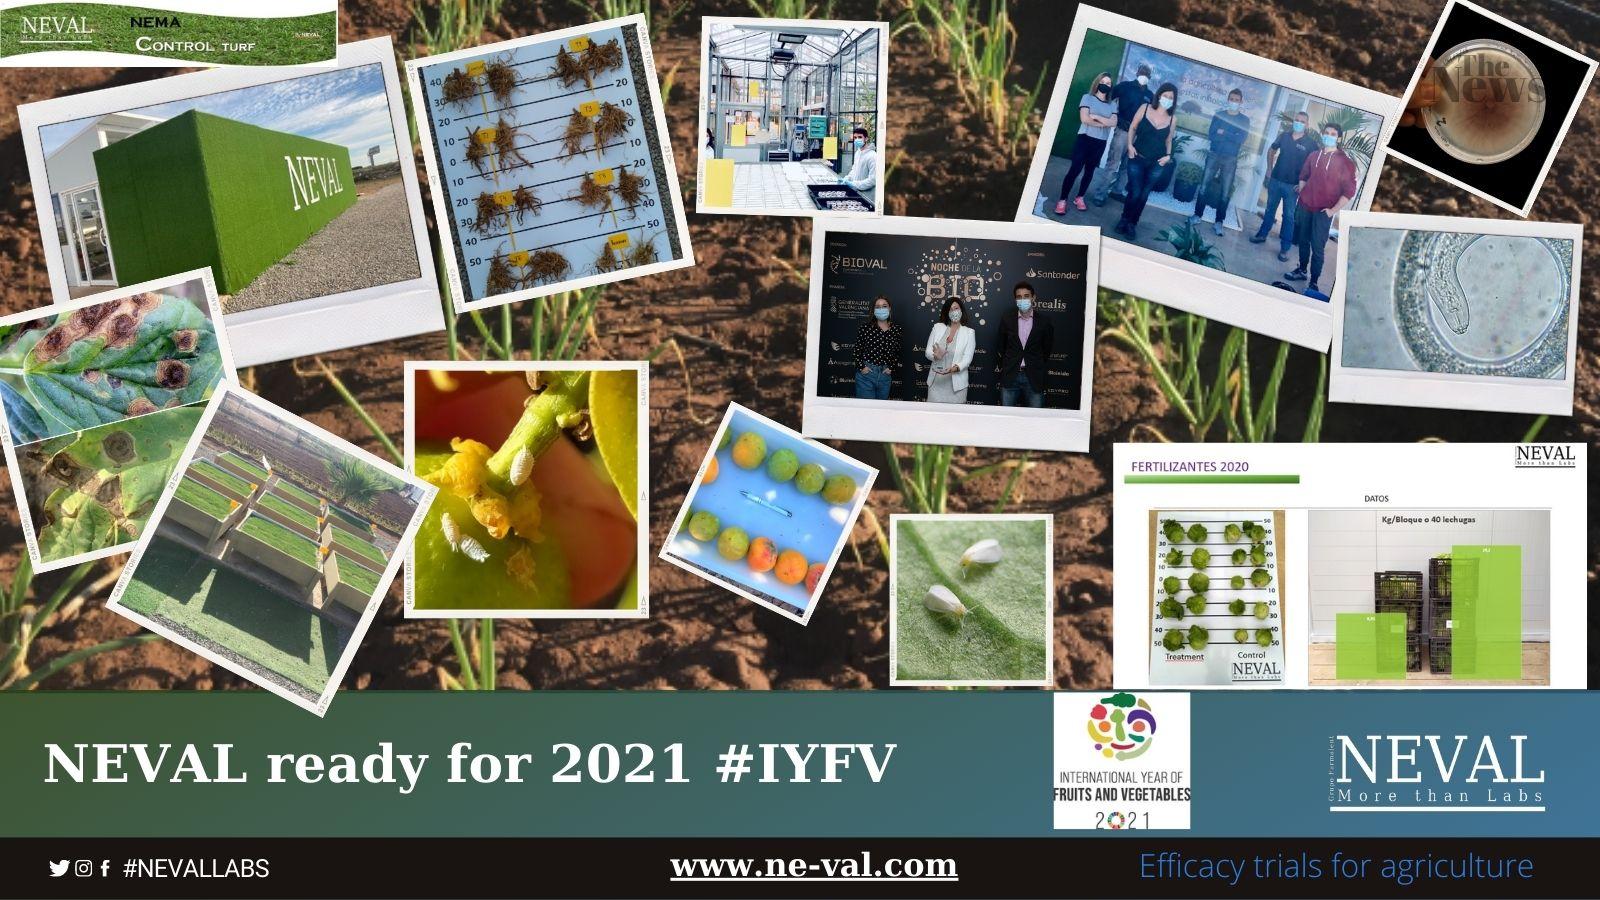 efficacy trials GEP IYFV best companies in spain. Empresa ensayos España